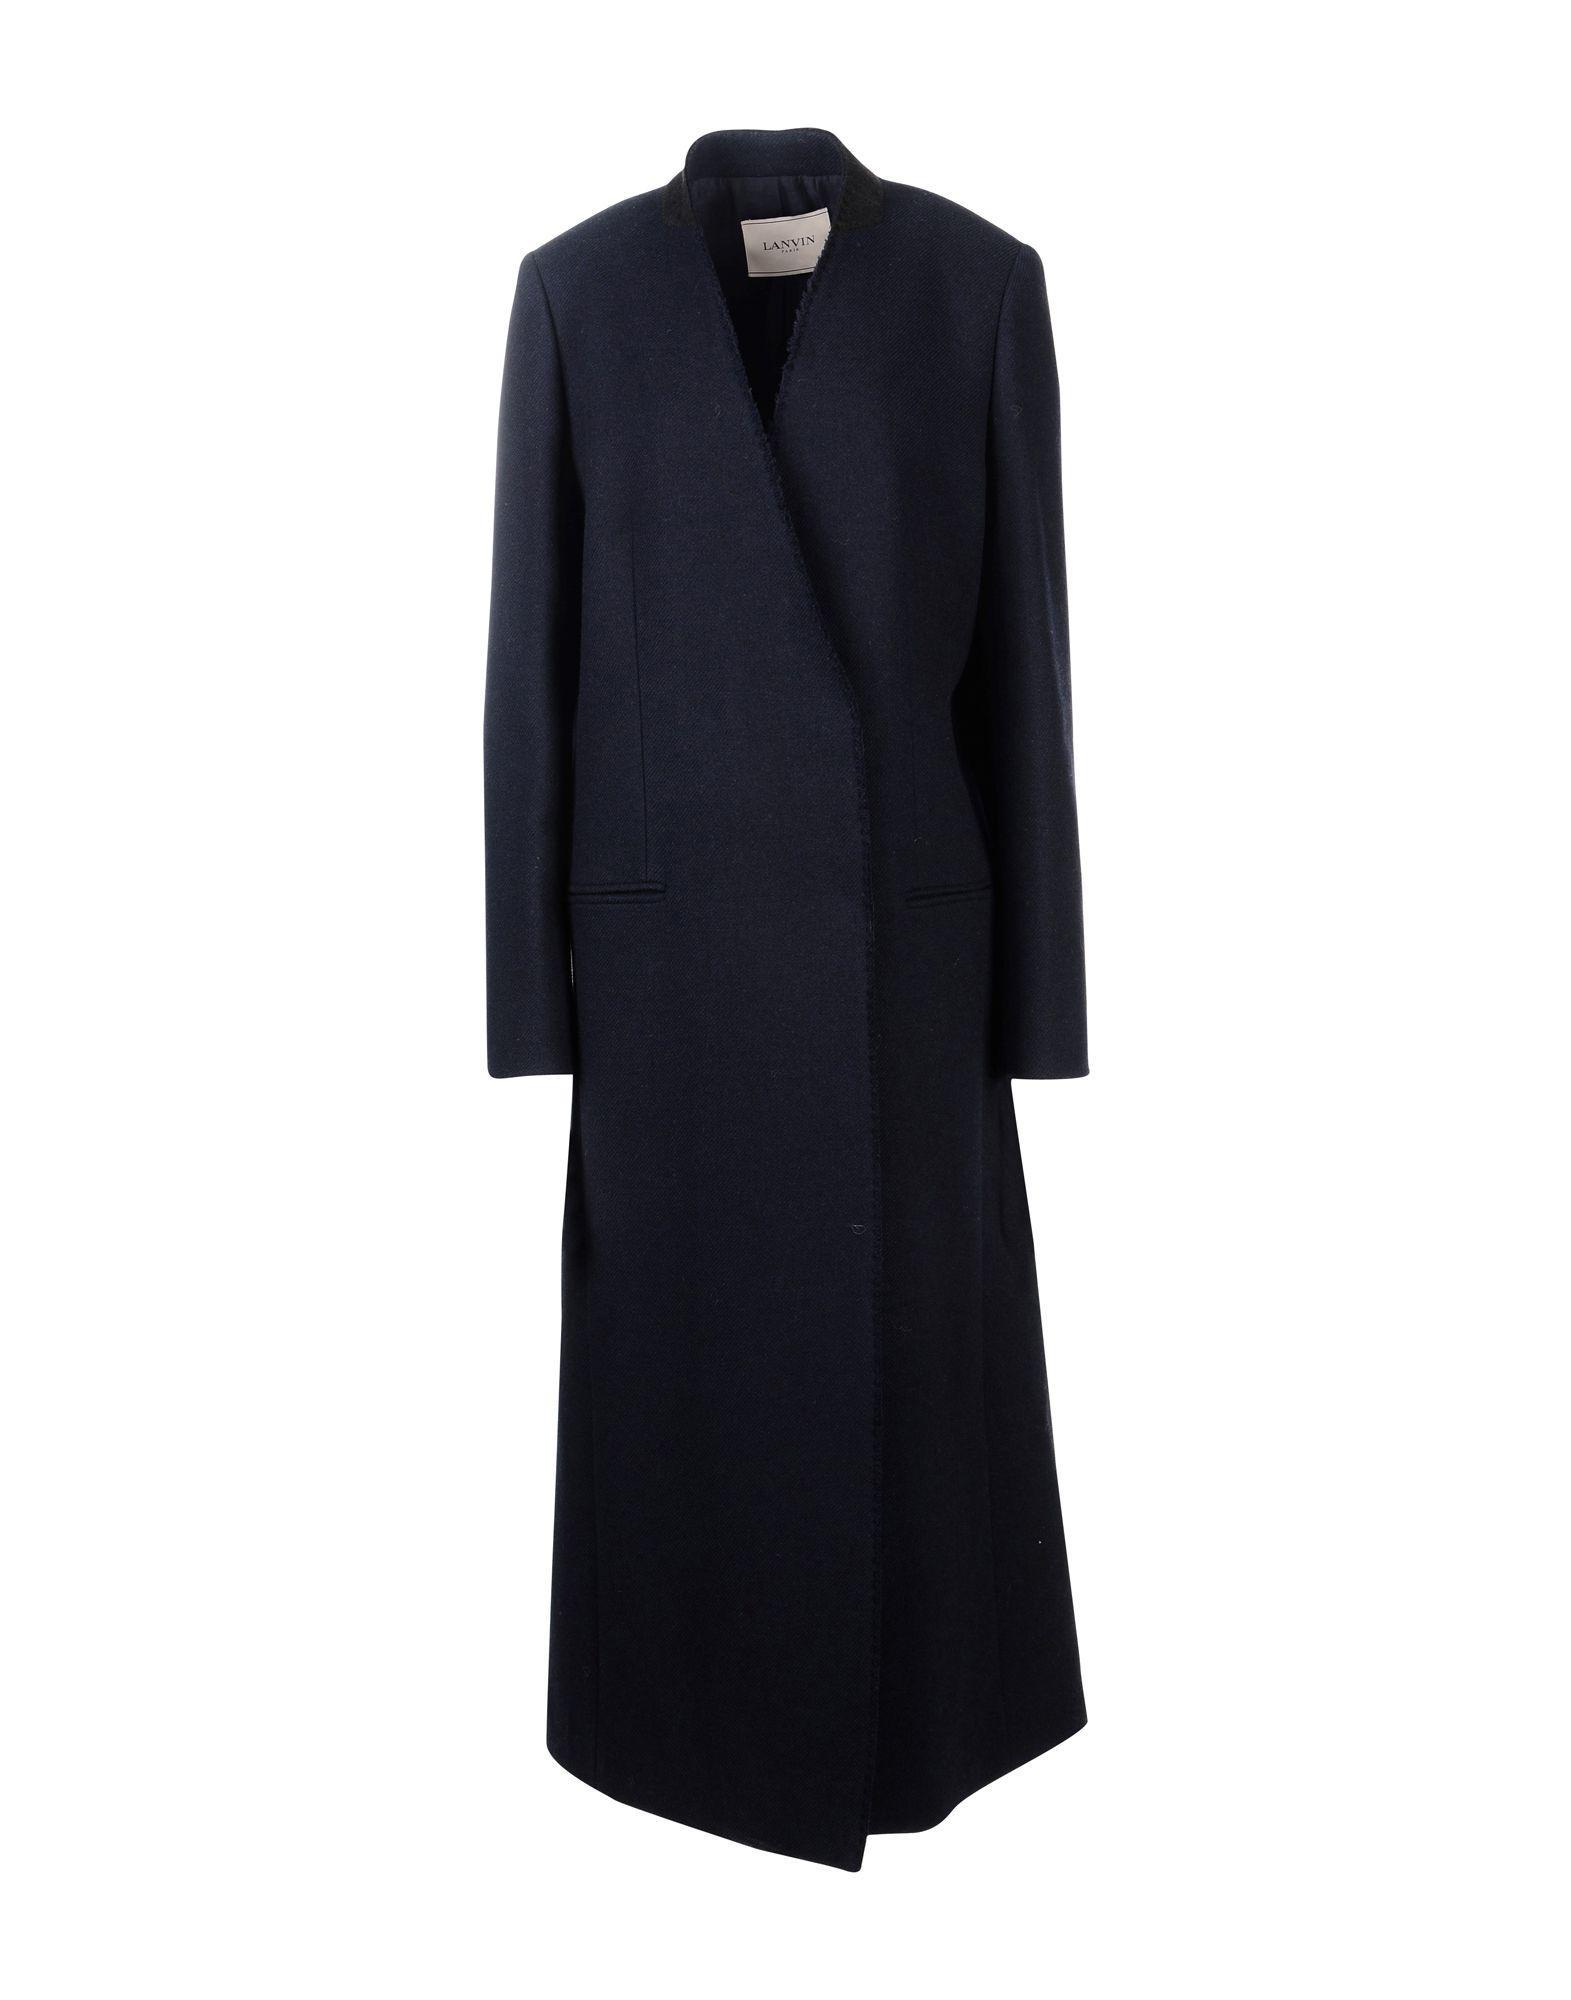 Lanvin Coat In Dark Blue